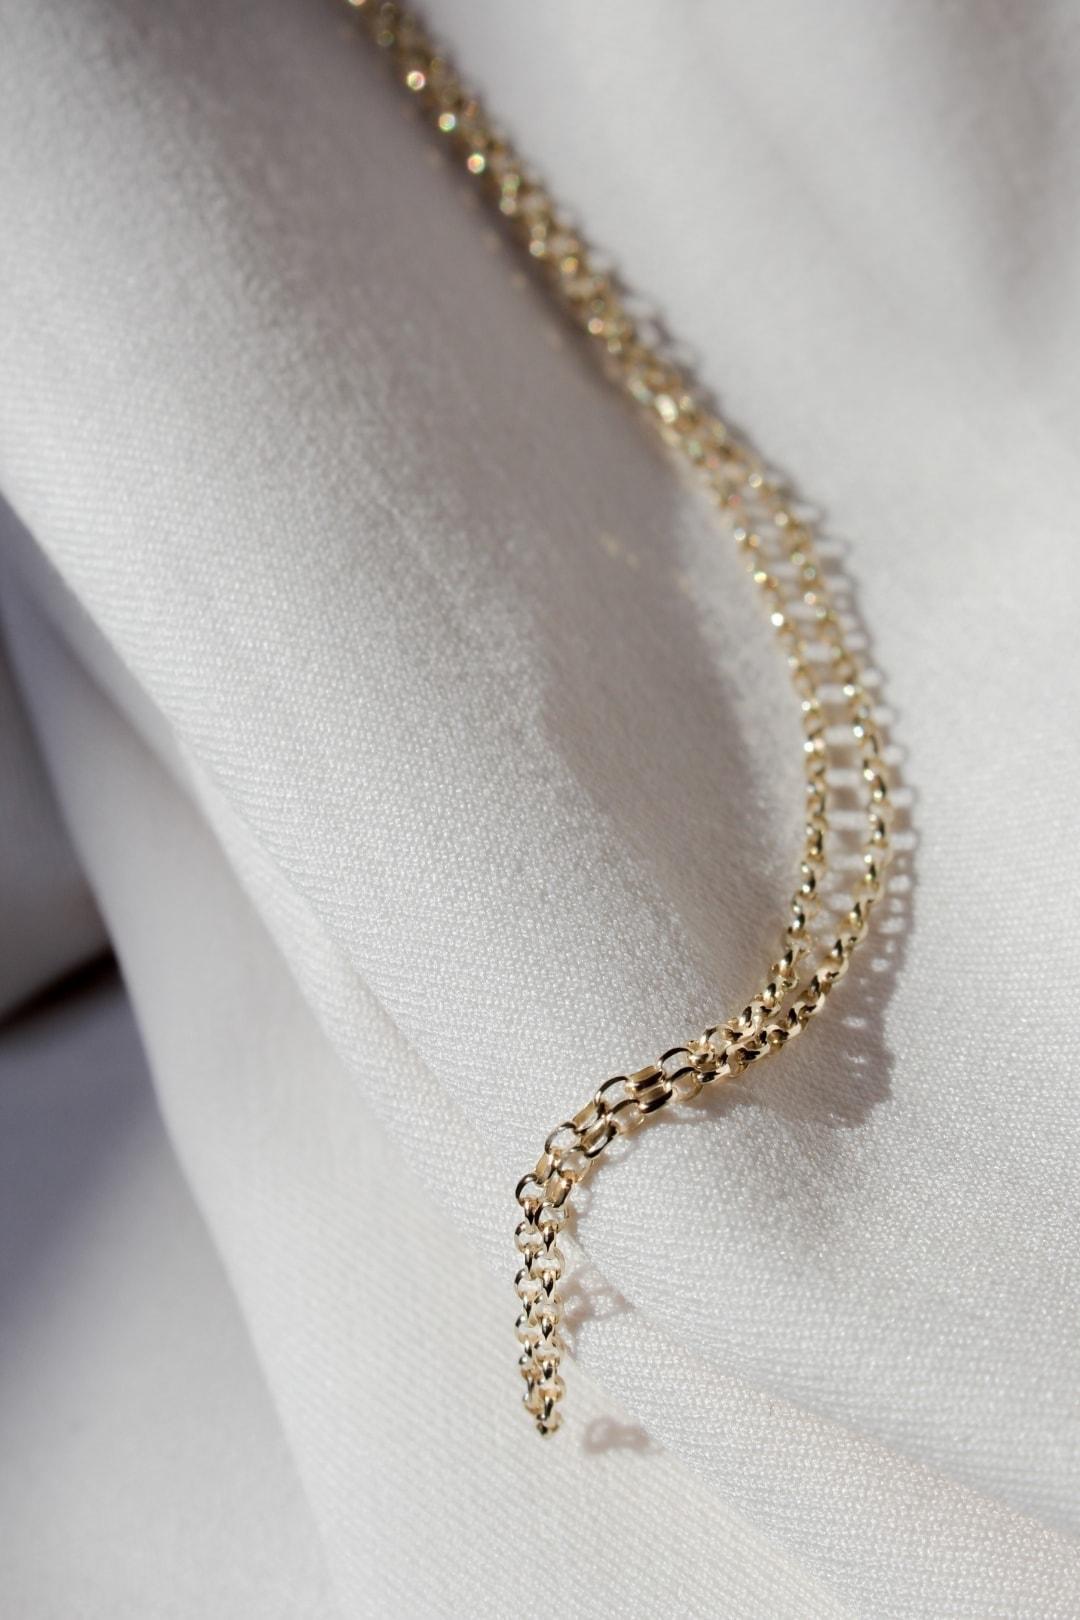 Złoty łańcuszek na janym tle.